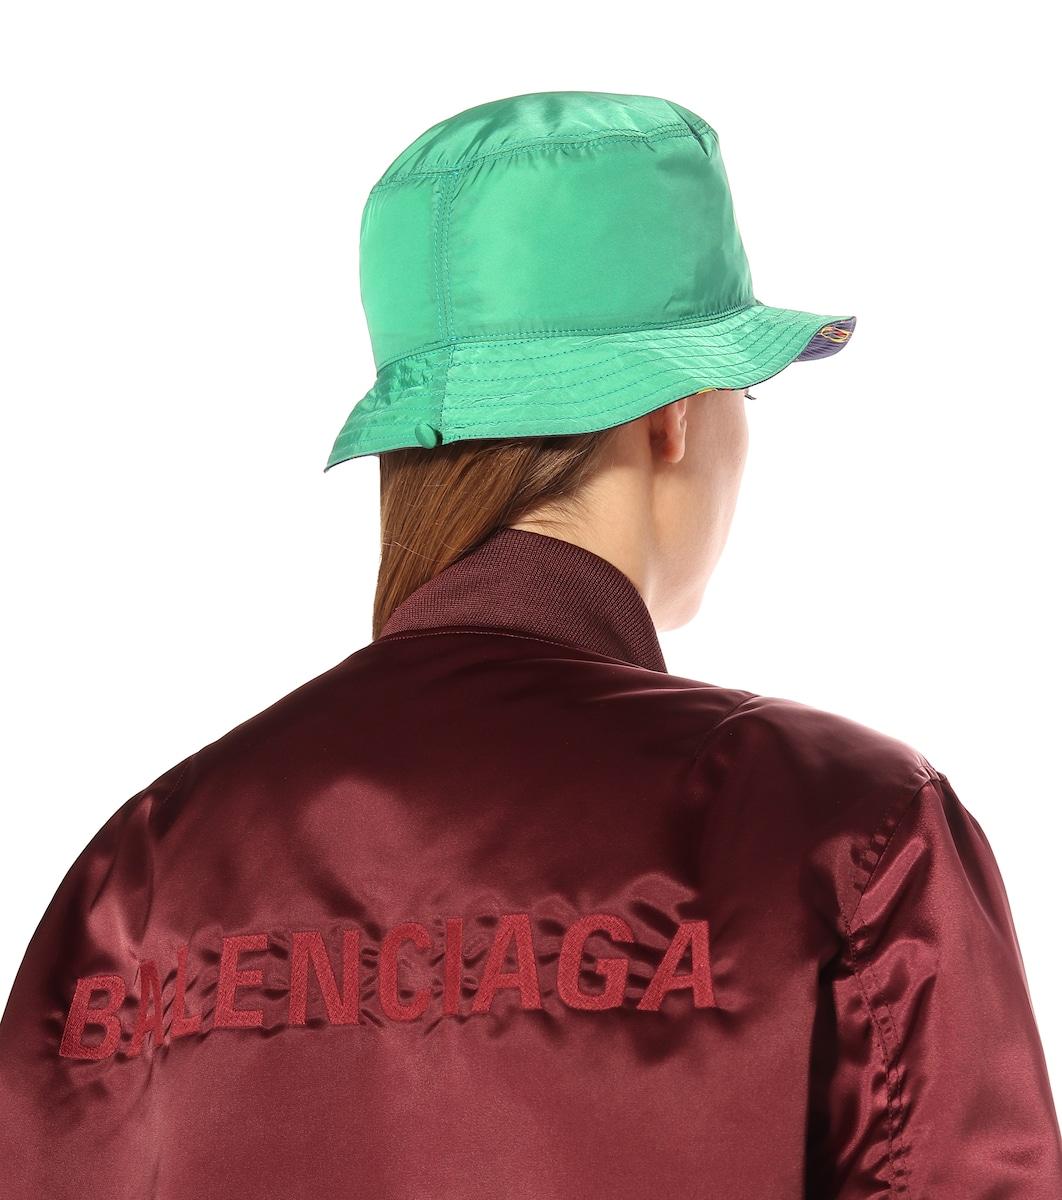 20c0a1b99d9 Reversible Bucket Hat - Gucci | mytheresa.com